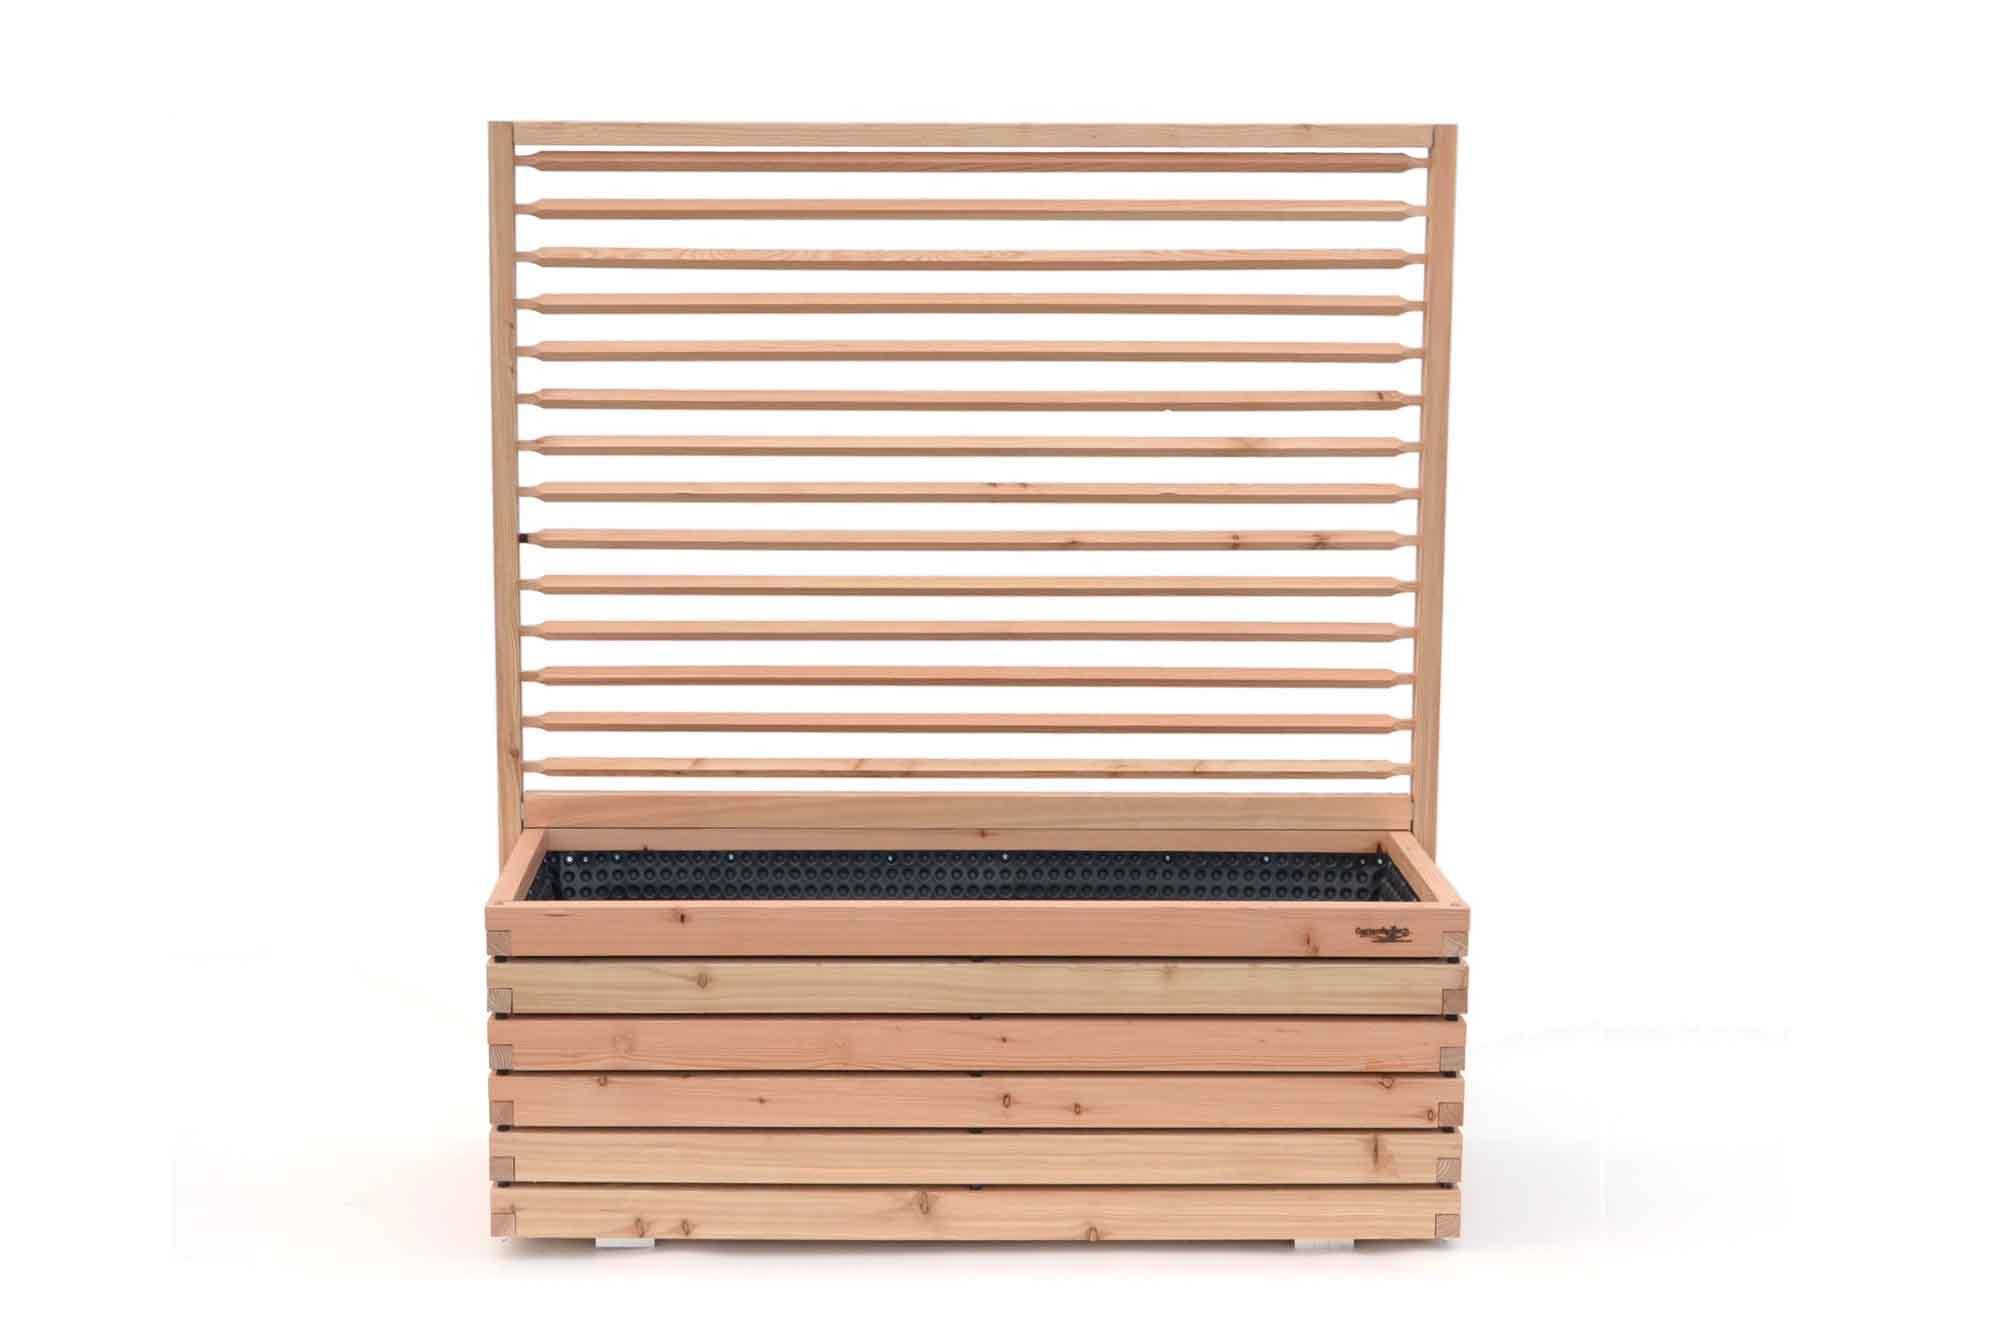 rankhilfe f r kletterrosen diy rankgitter f r kletterrosen aus alten materialien kletterrosen. Black Bedroom Furniture Sets. Home Design Ideas